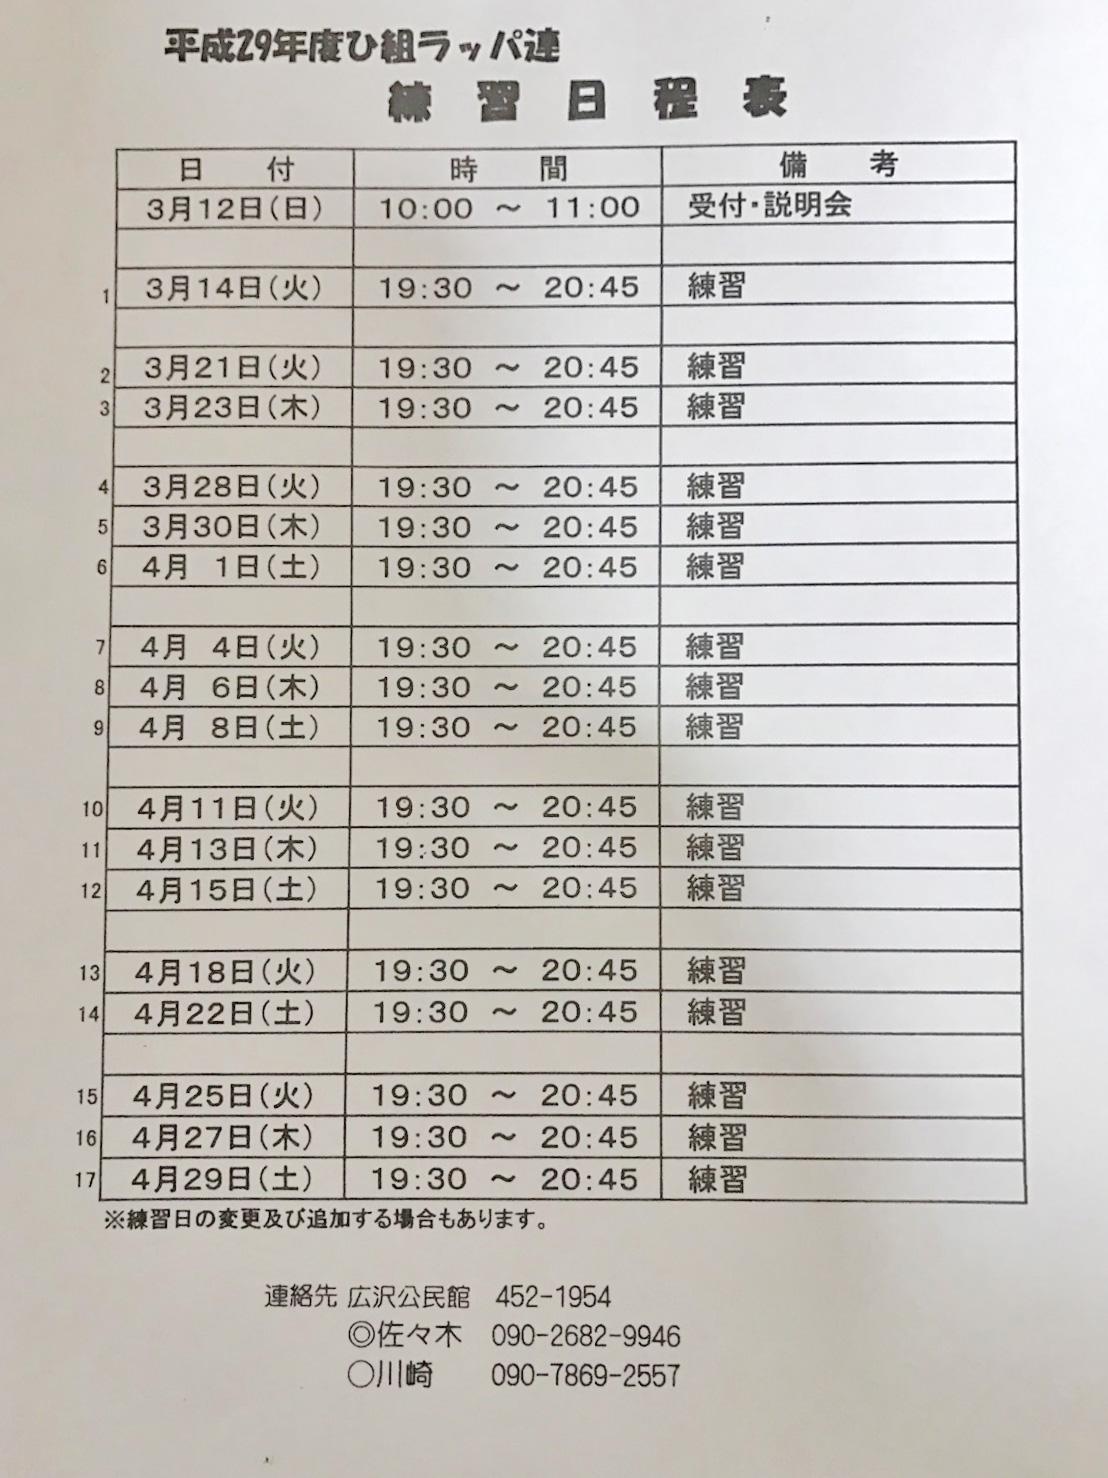 平成29年度ひ組ラッパ連練習日程表